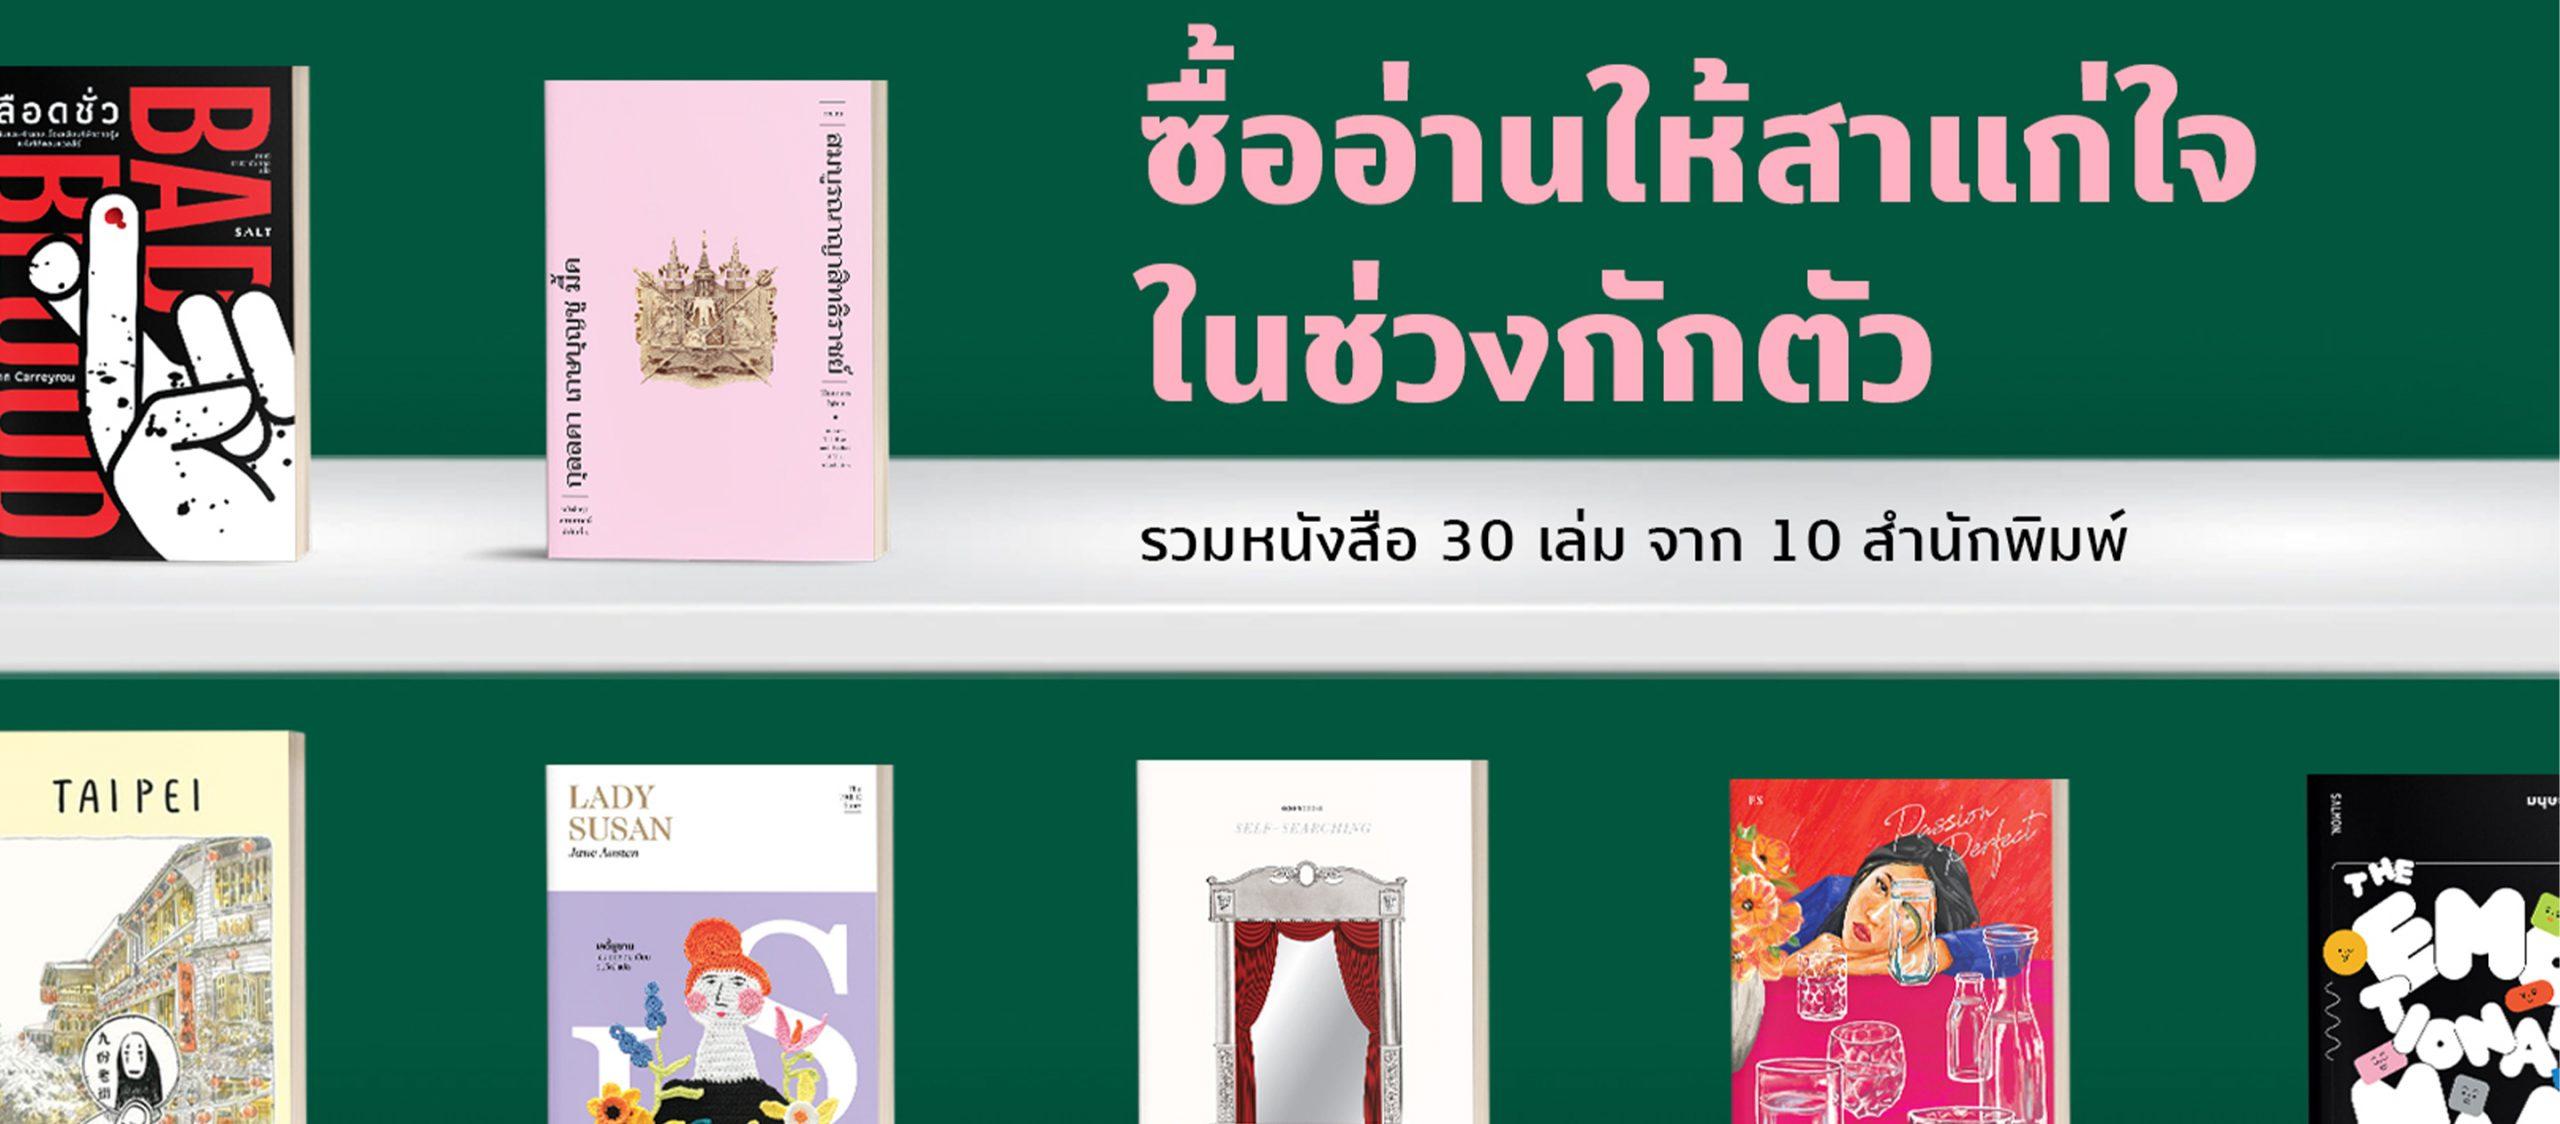 ซื้ออ่านให้สาแก่ใจในช่วงกักตัว รวมหนังสือ 30 เล่มจาก 10 สำนักพิมพ์